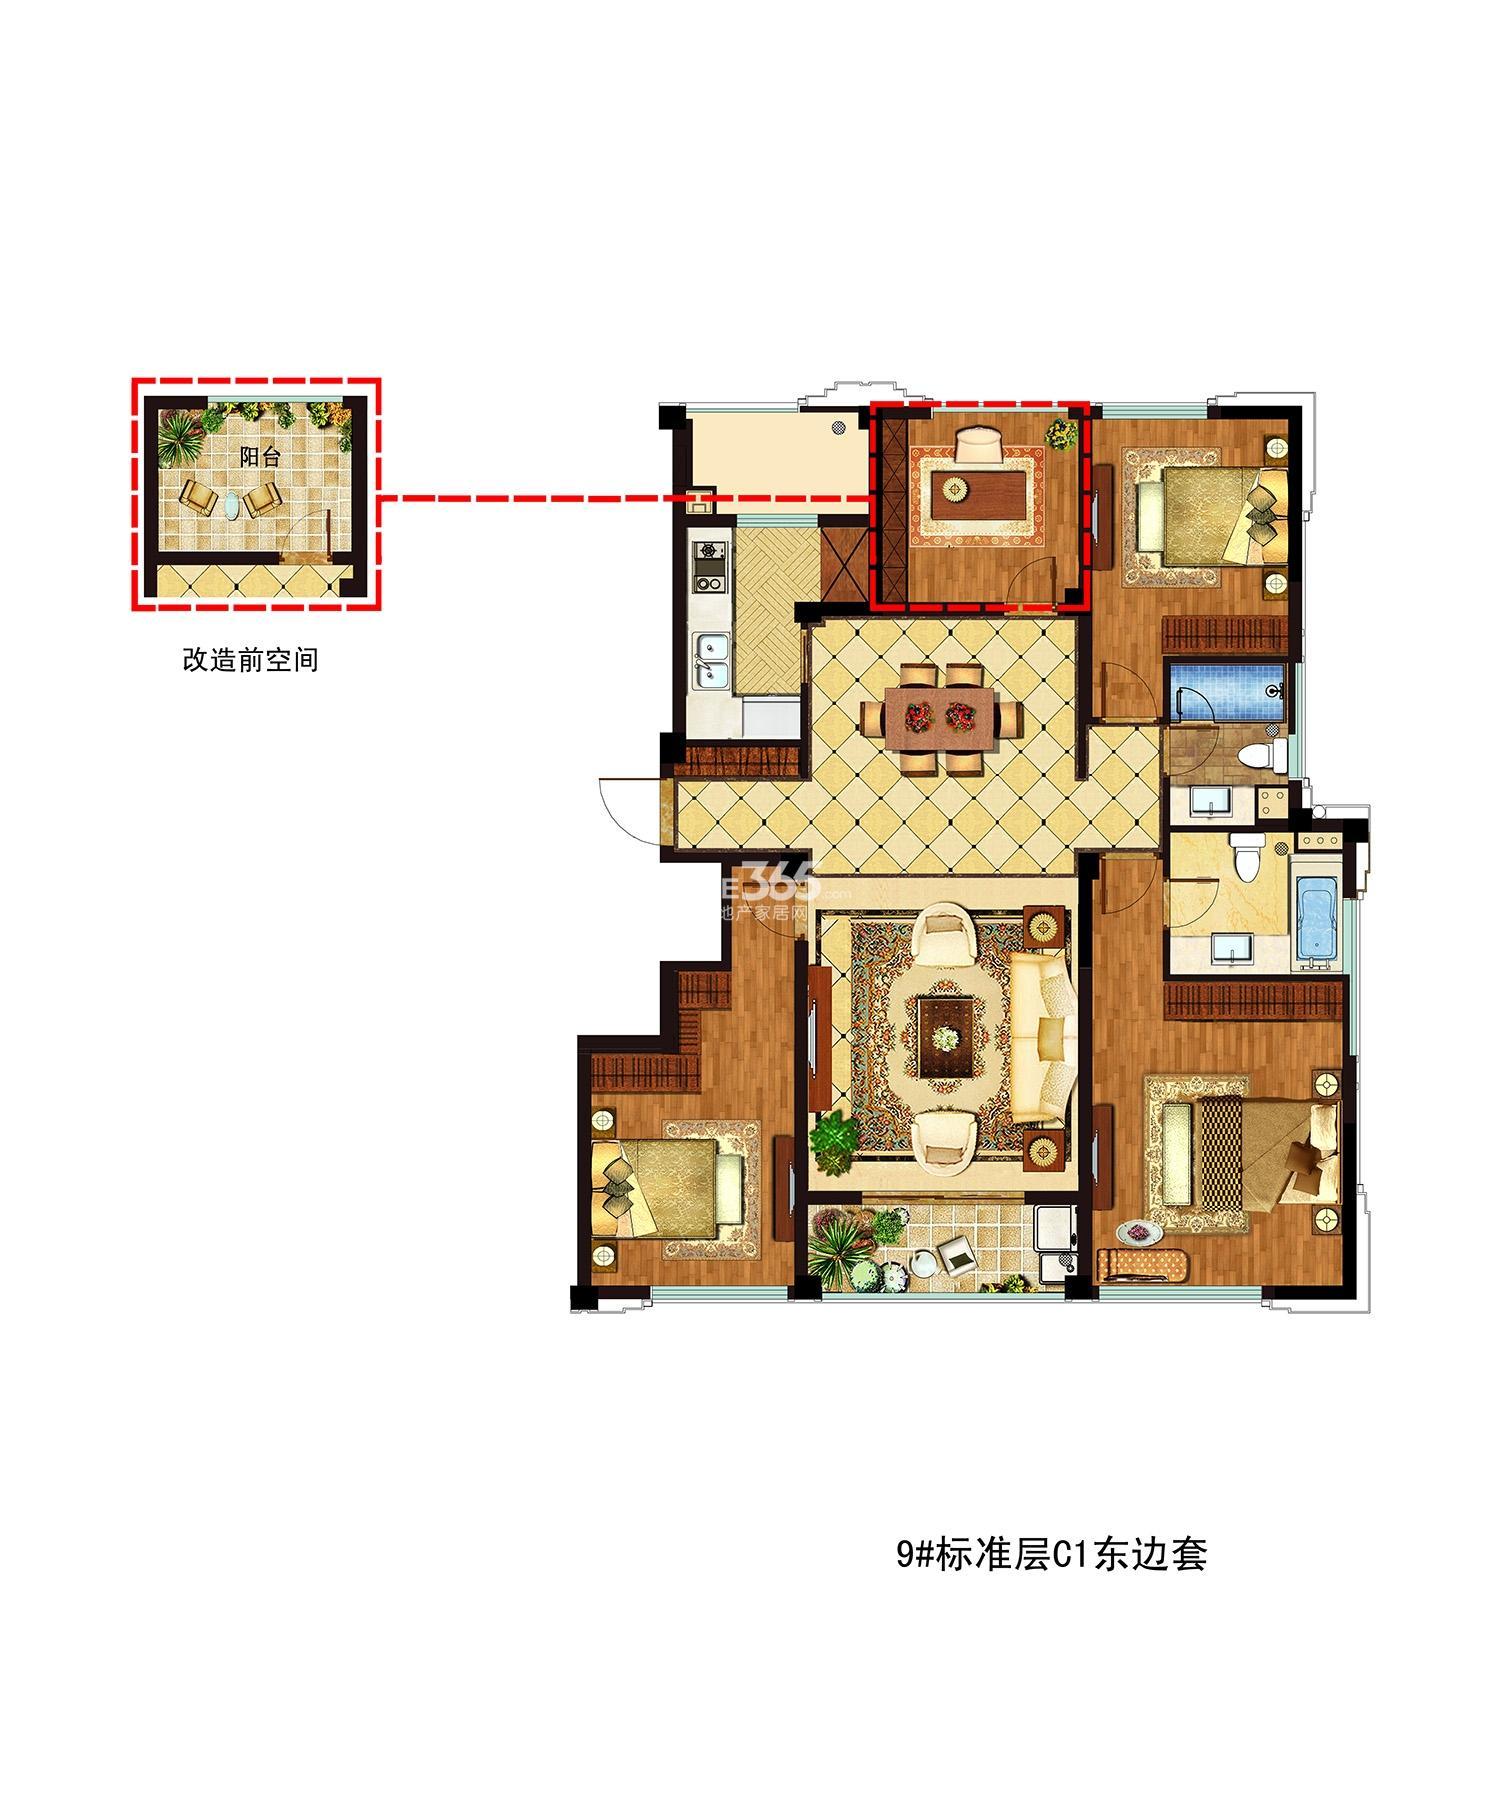 九龙仓碧玺项目9号楼标准层C1东边套 137㎡ 三房两厅一卫